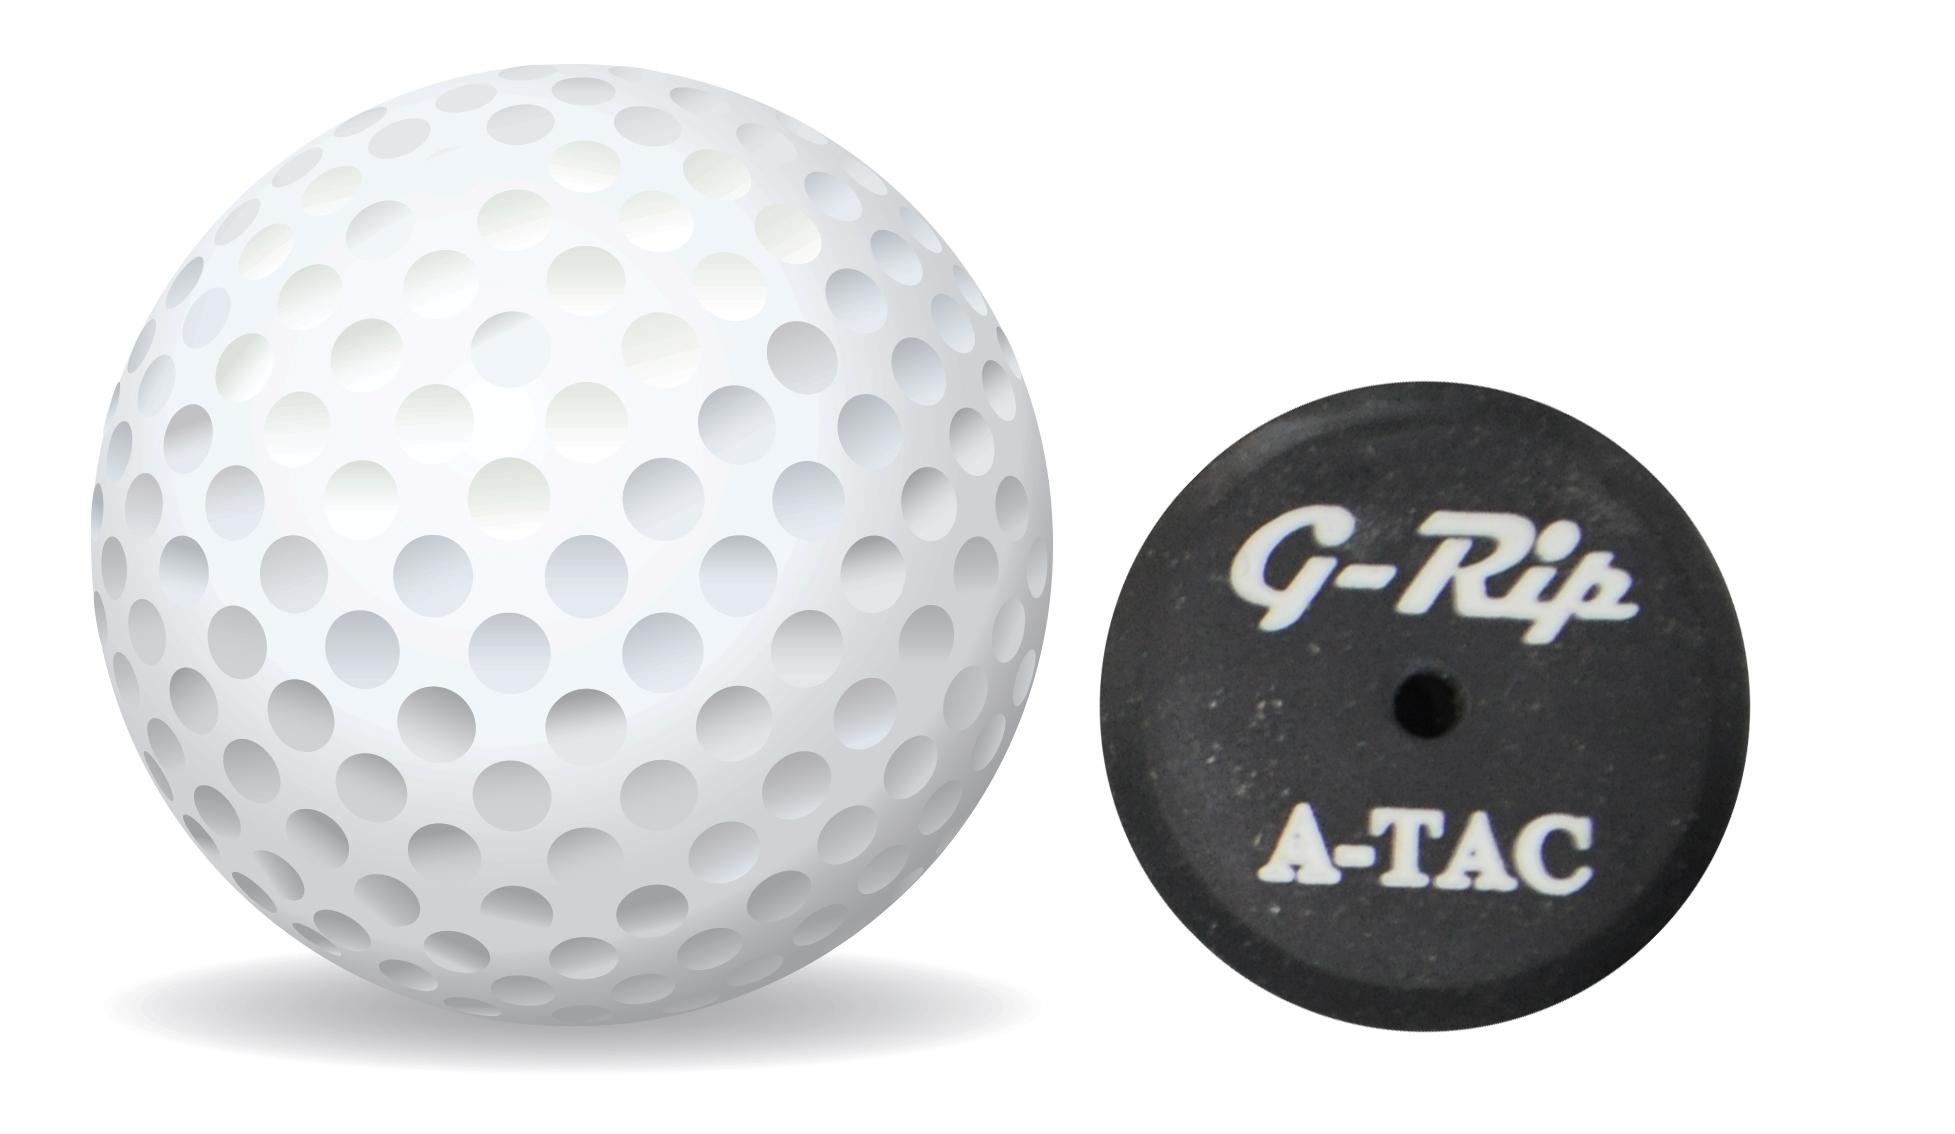 G-Rip – A-Tac Size Comparison 1